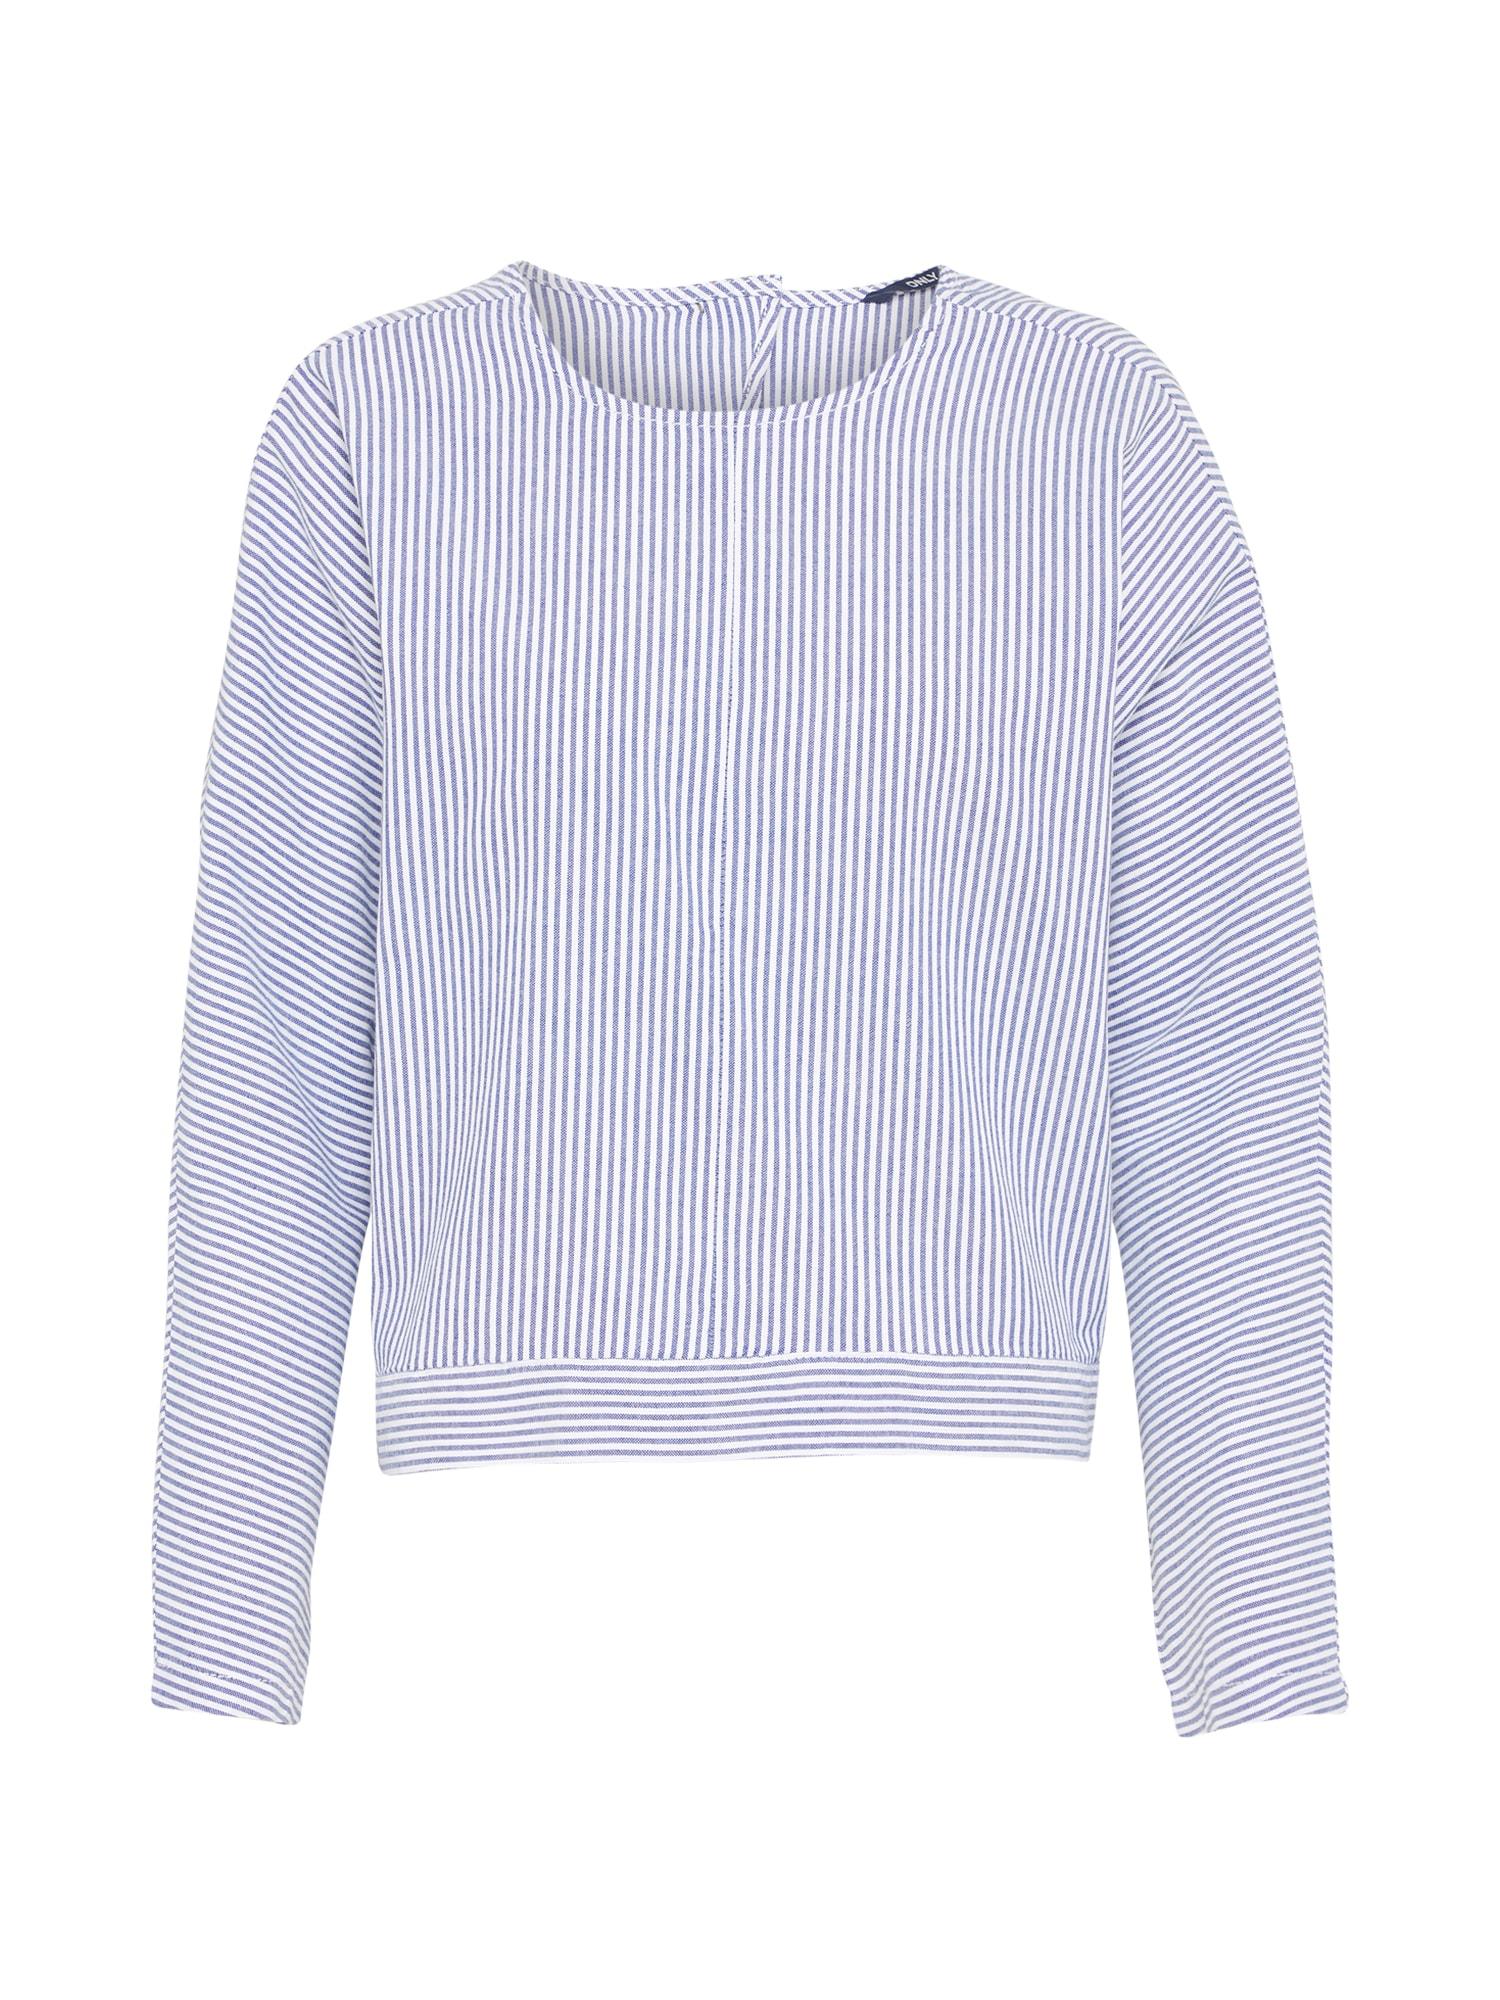 1de333624 dámské spodní prádlo Oblečení a doplňky. Halenka GAIA světlemodrá bílá ONLY